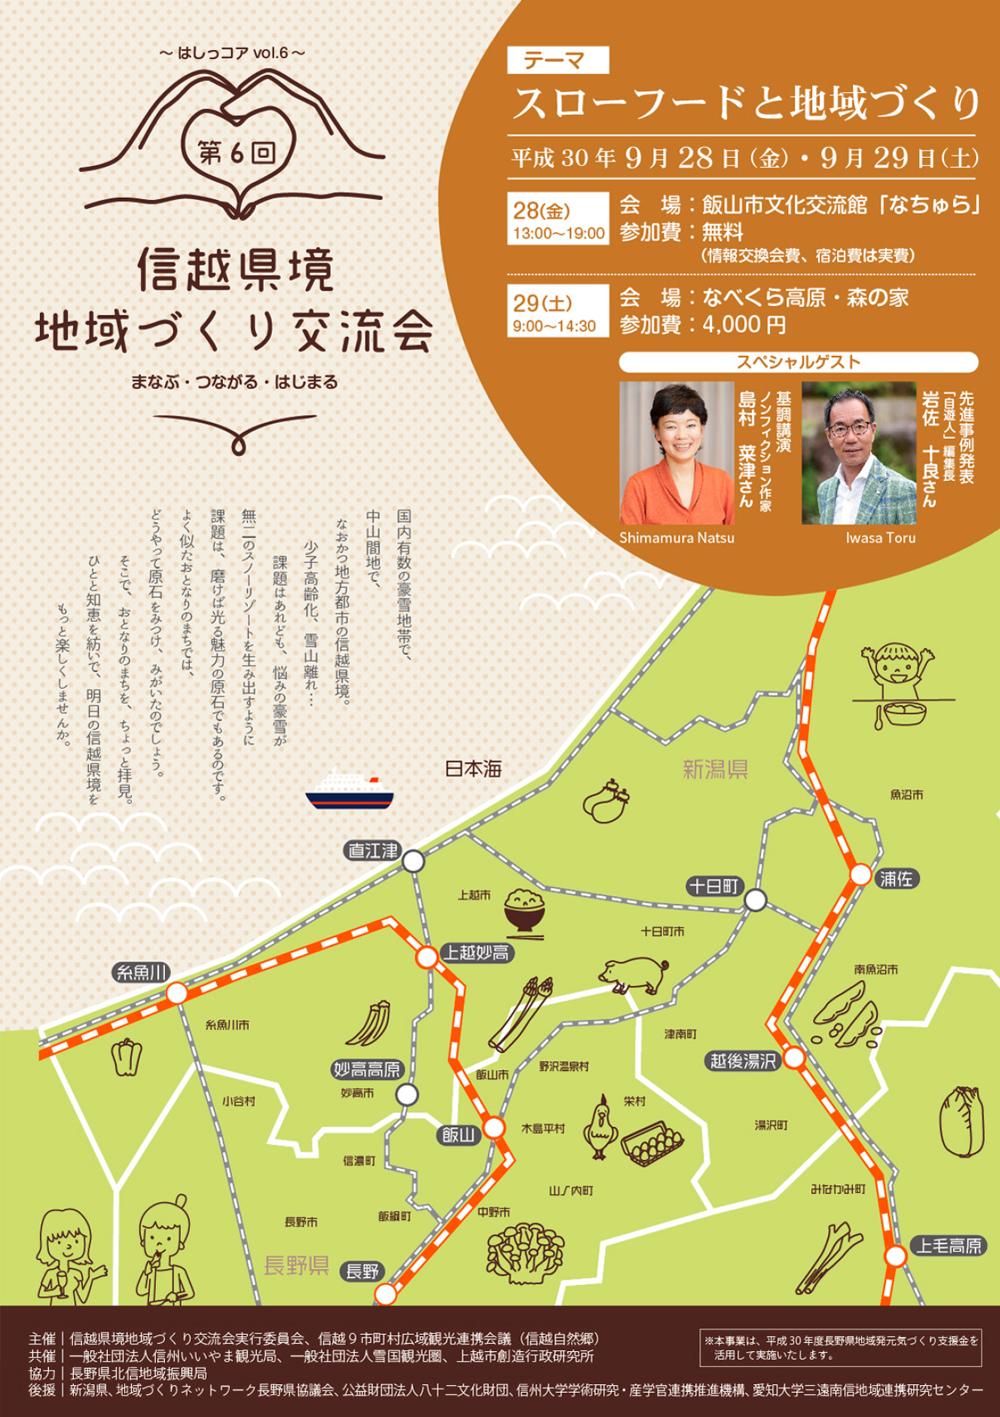 信越県境地域づくり交流会